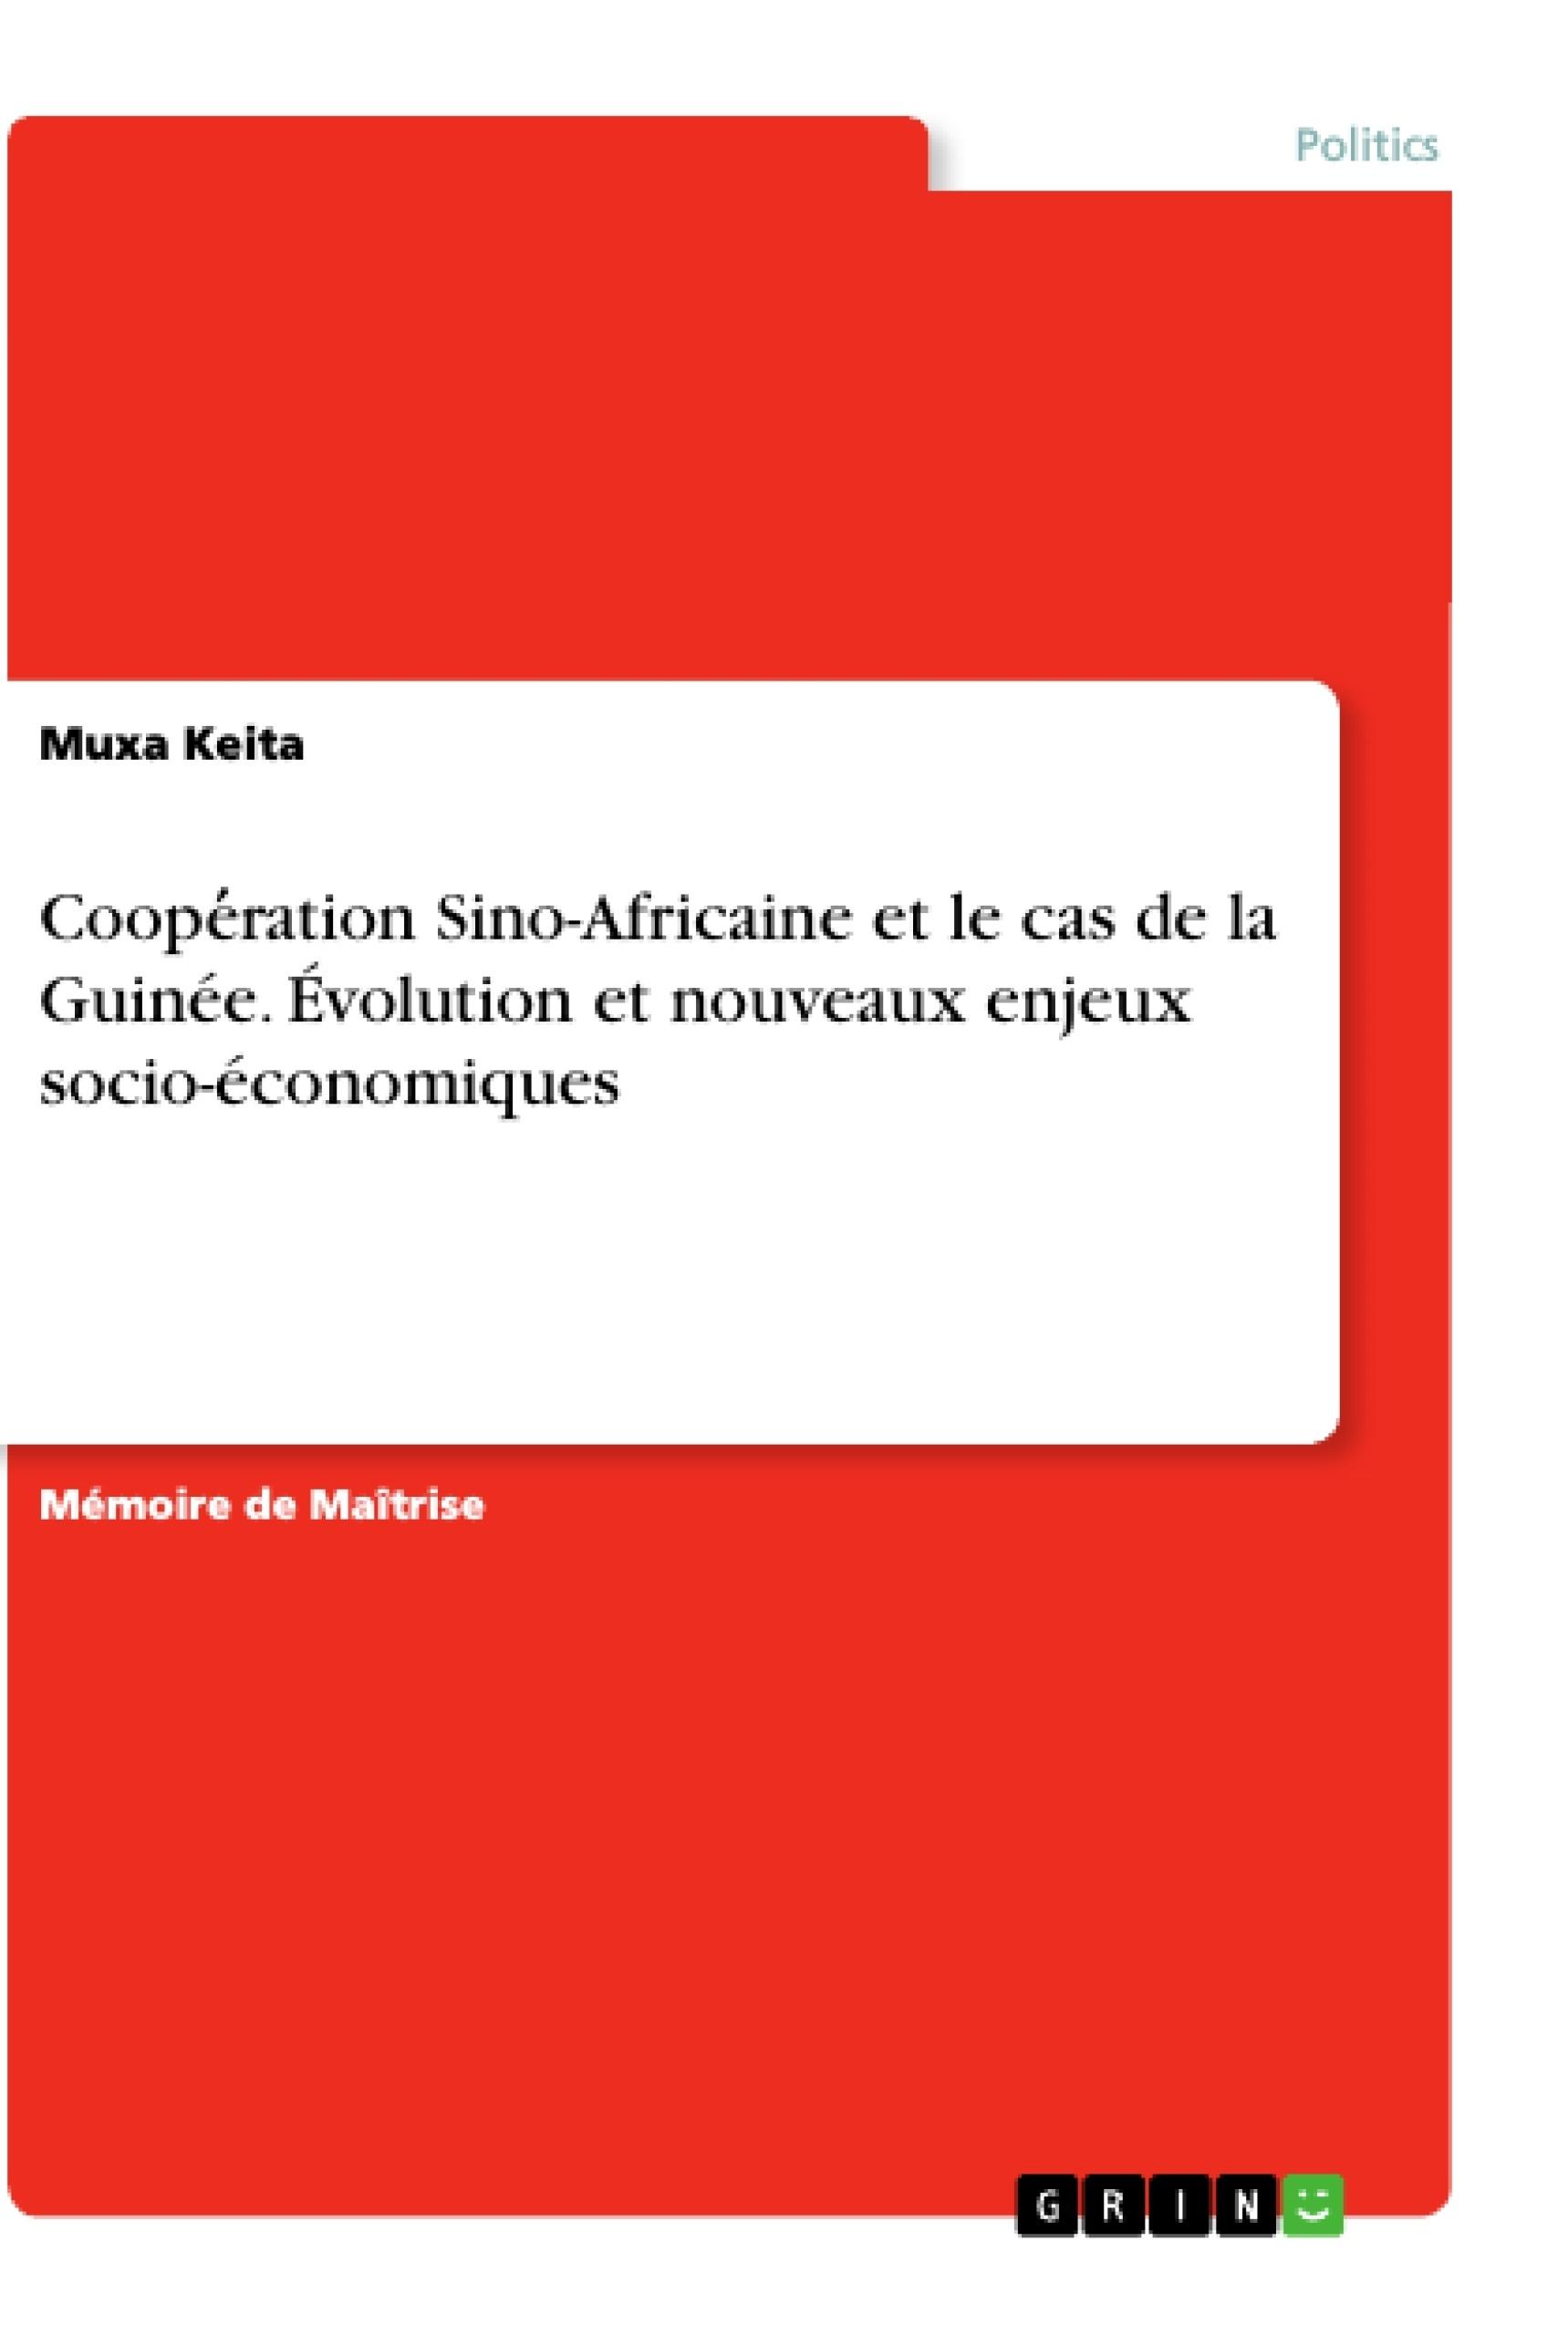 Titre: Coopération Sino-Africaine et le cas de la Guinée. Évolution et nouveaux enjeux socio-économiques